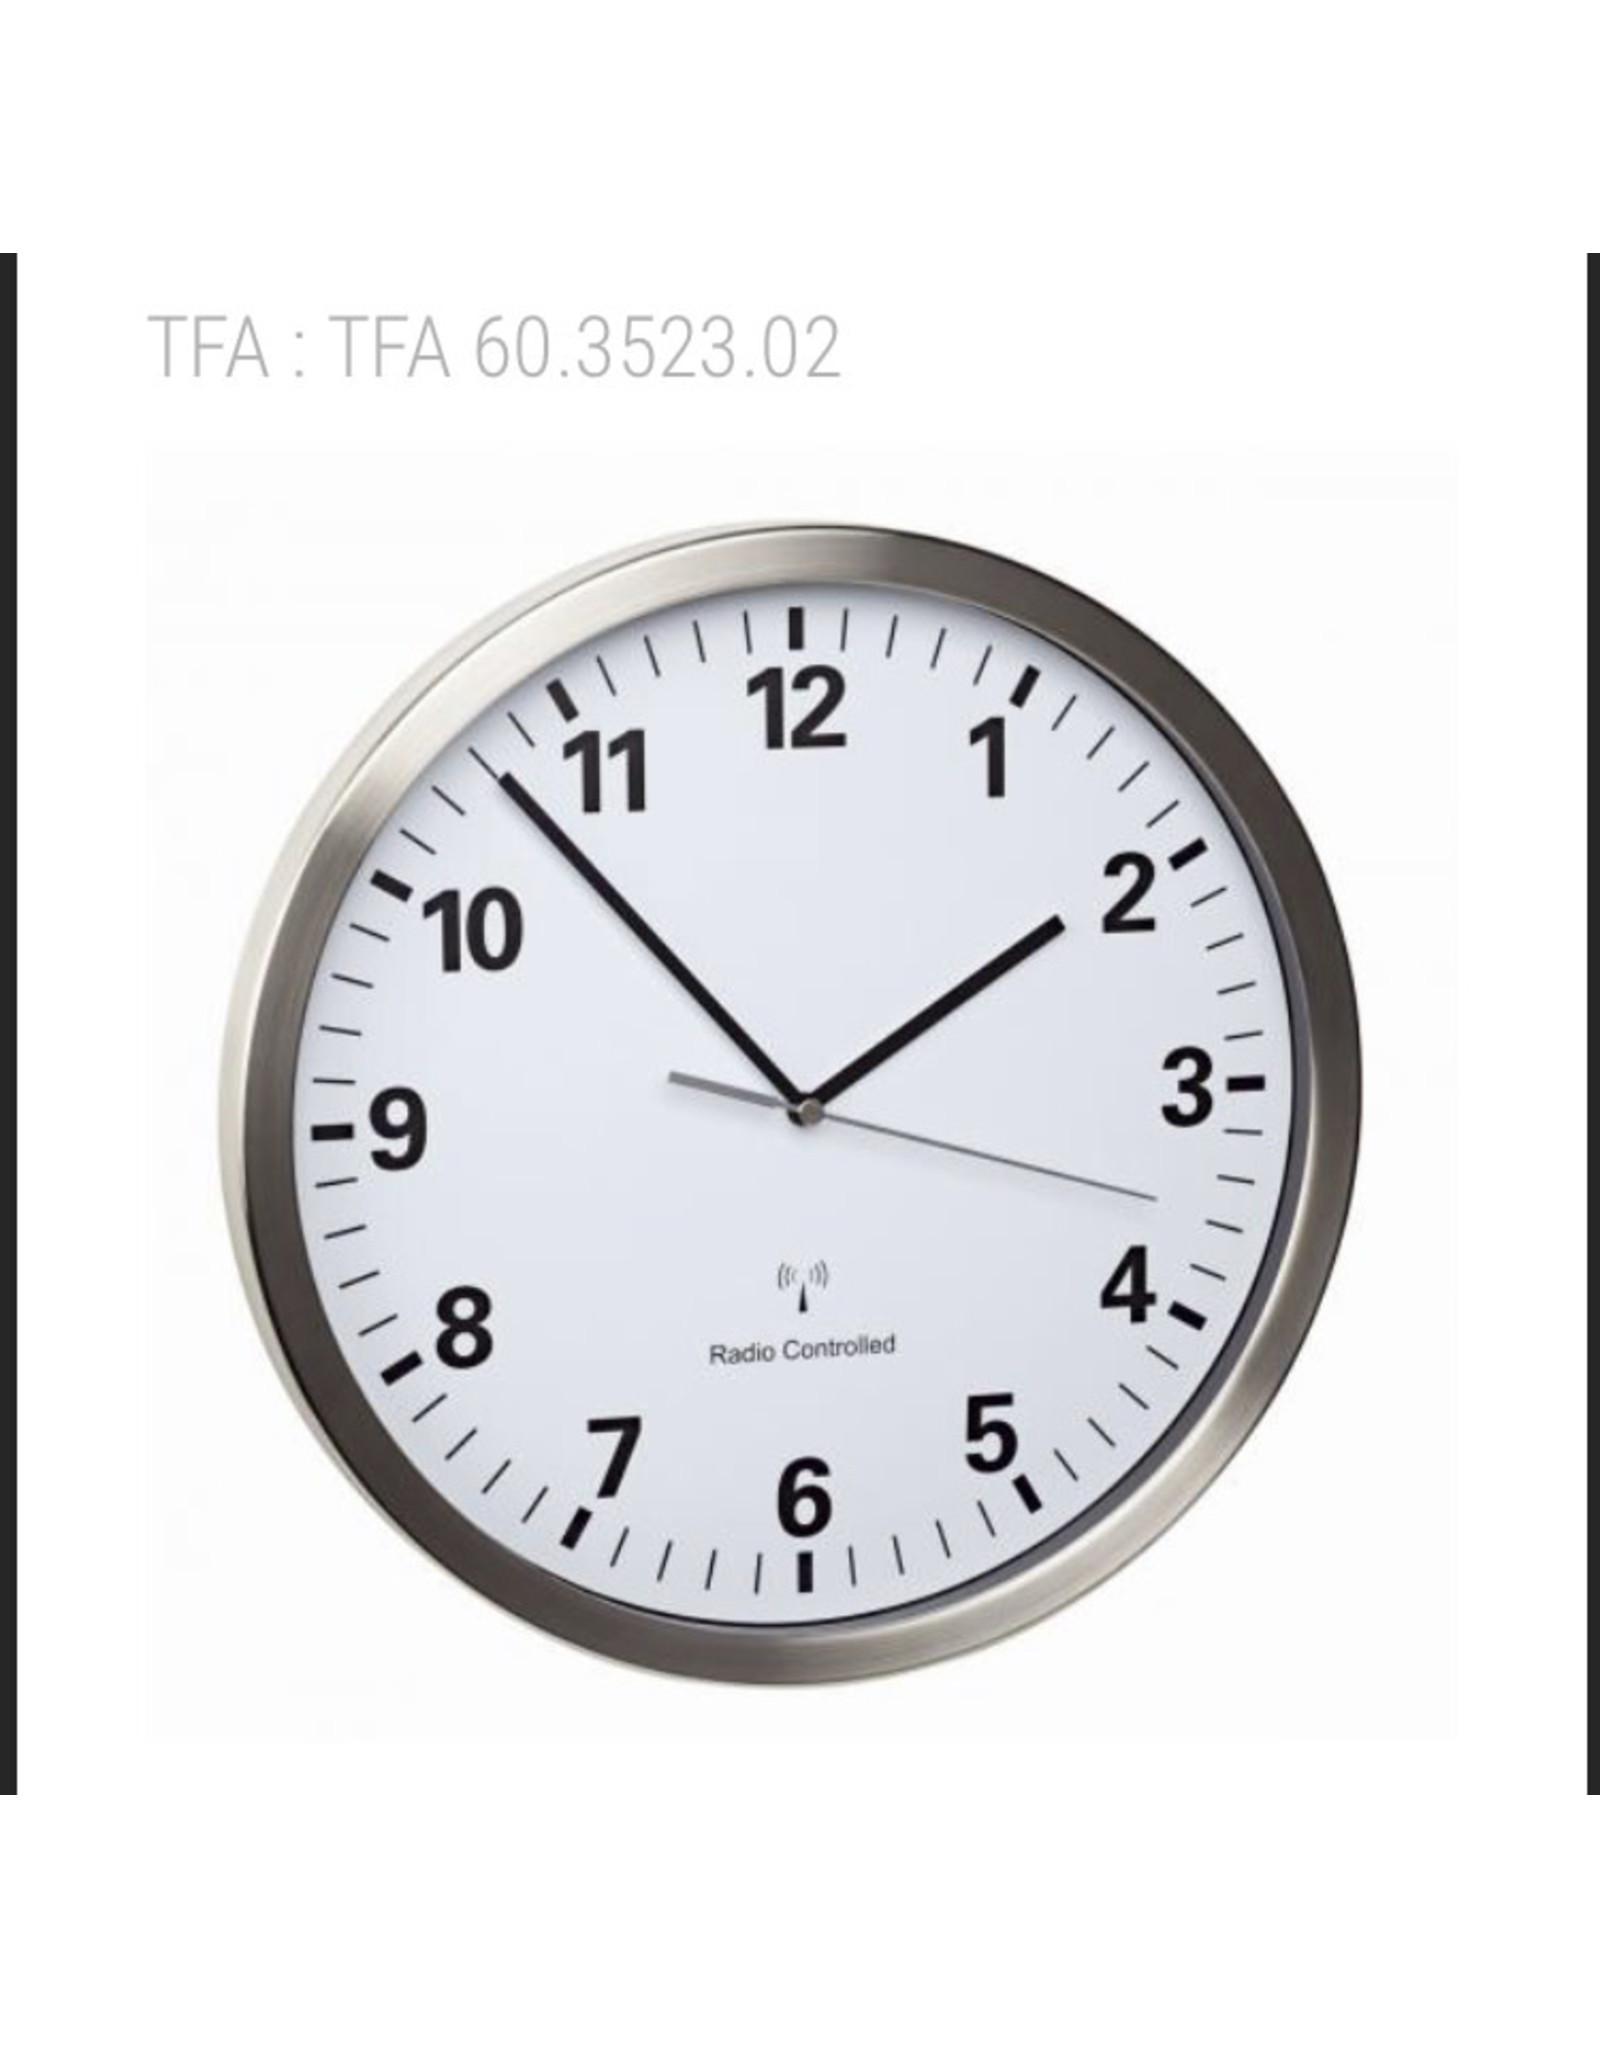 Keukenklok TFA.60.3523.02